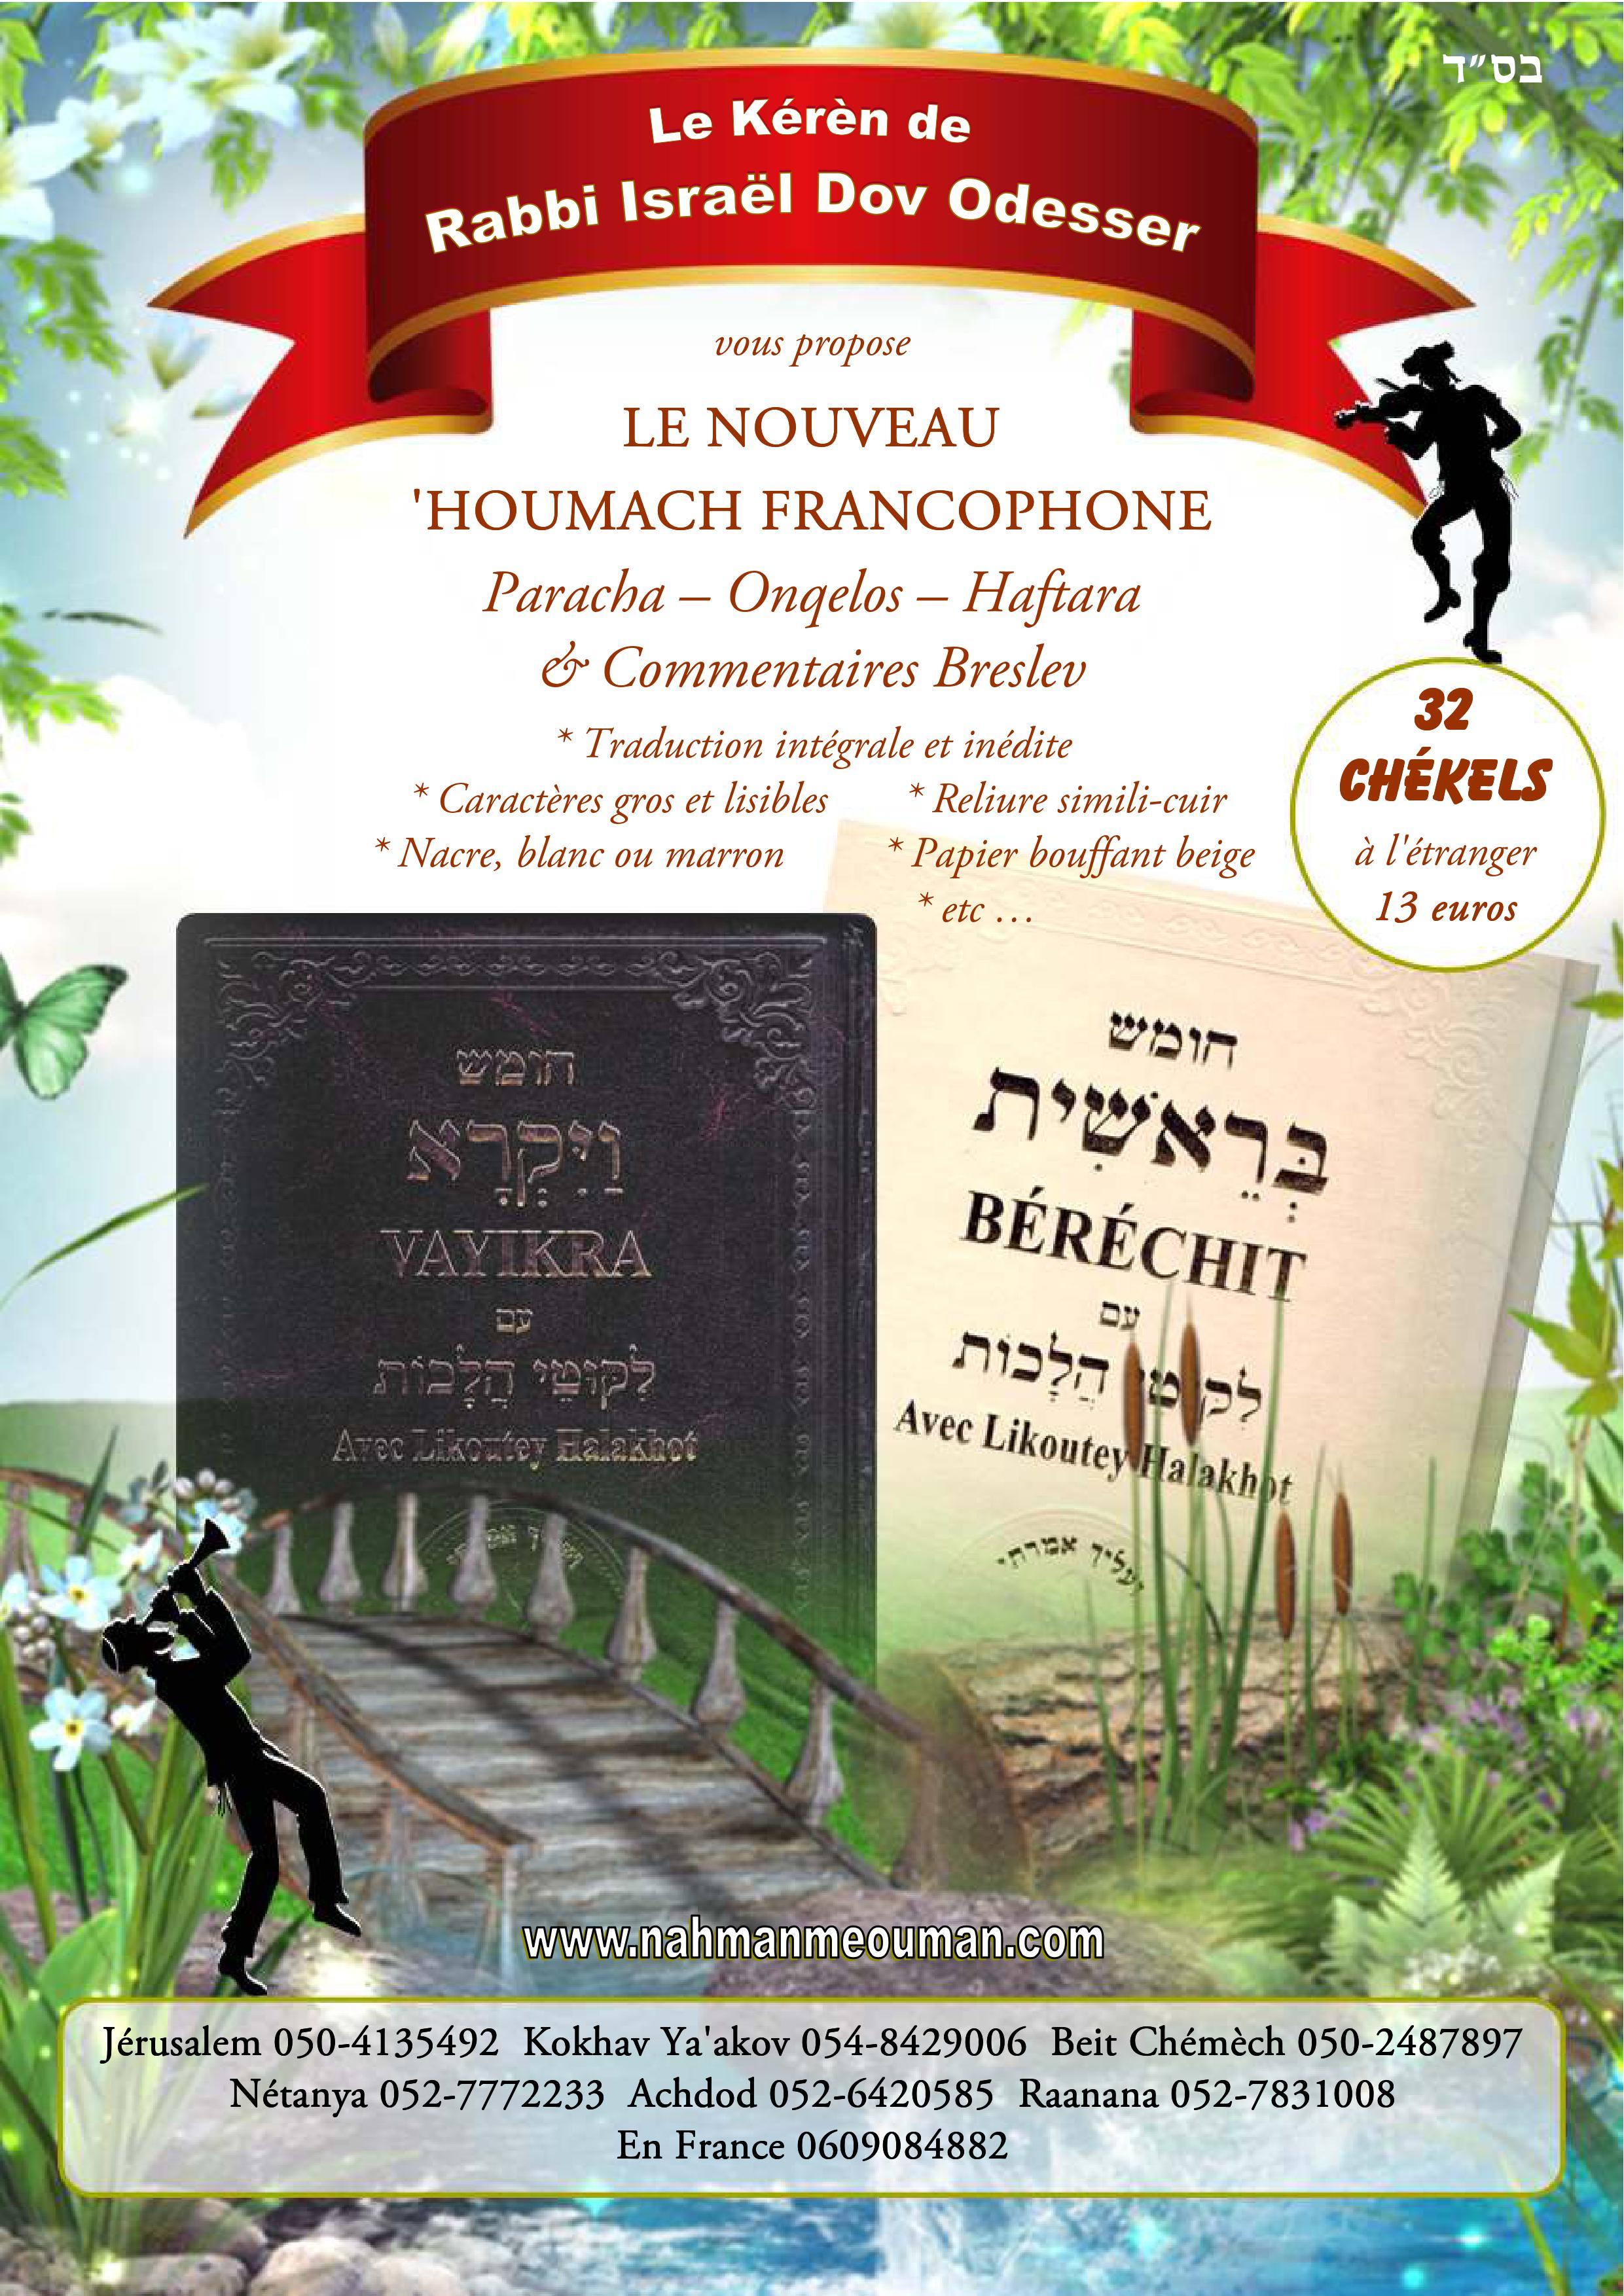 » 'Houmach Béréchit avec les commentaires du Likouté Halakhot » – Hébreu/Français – 36 Shekel – LES LIVRES DE RABBI NA'HMAN